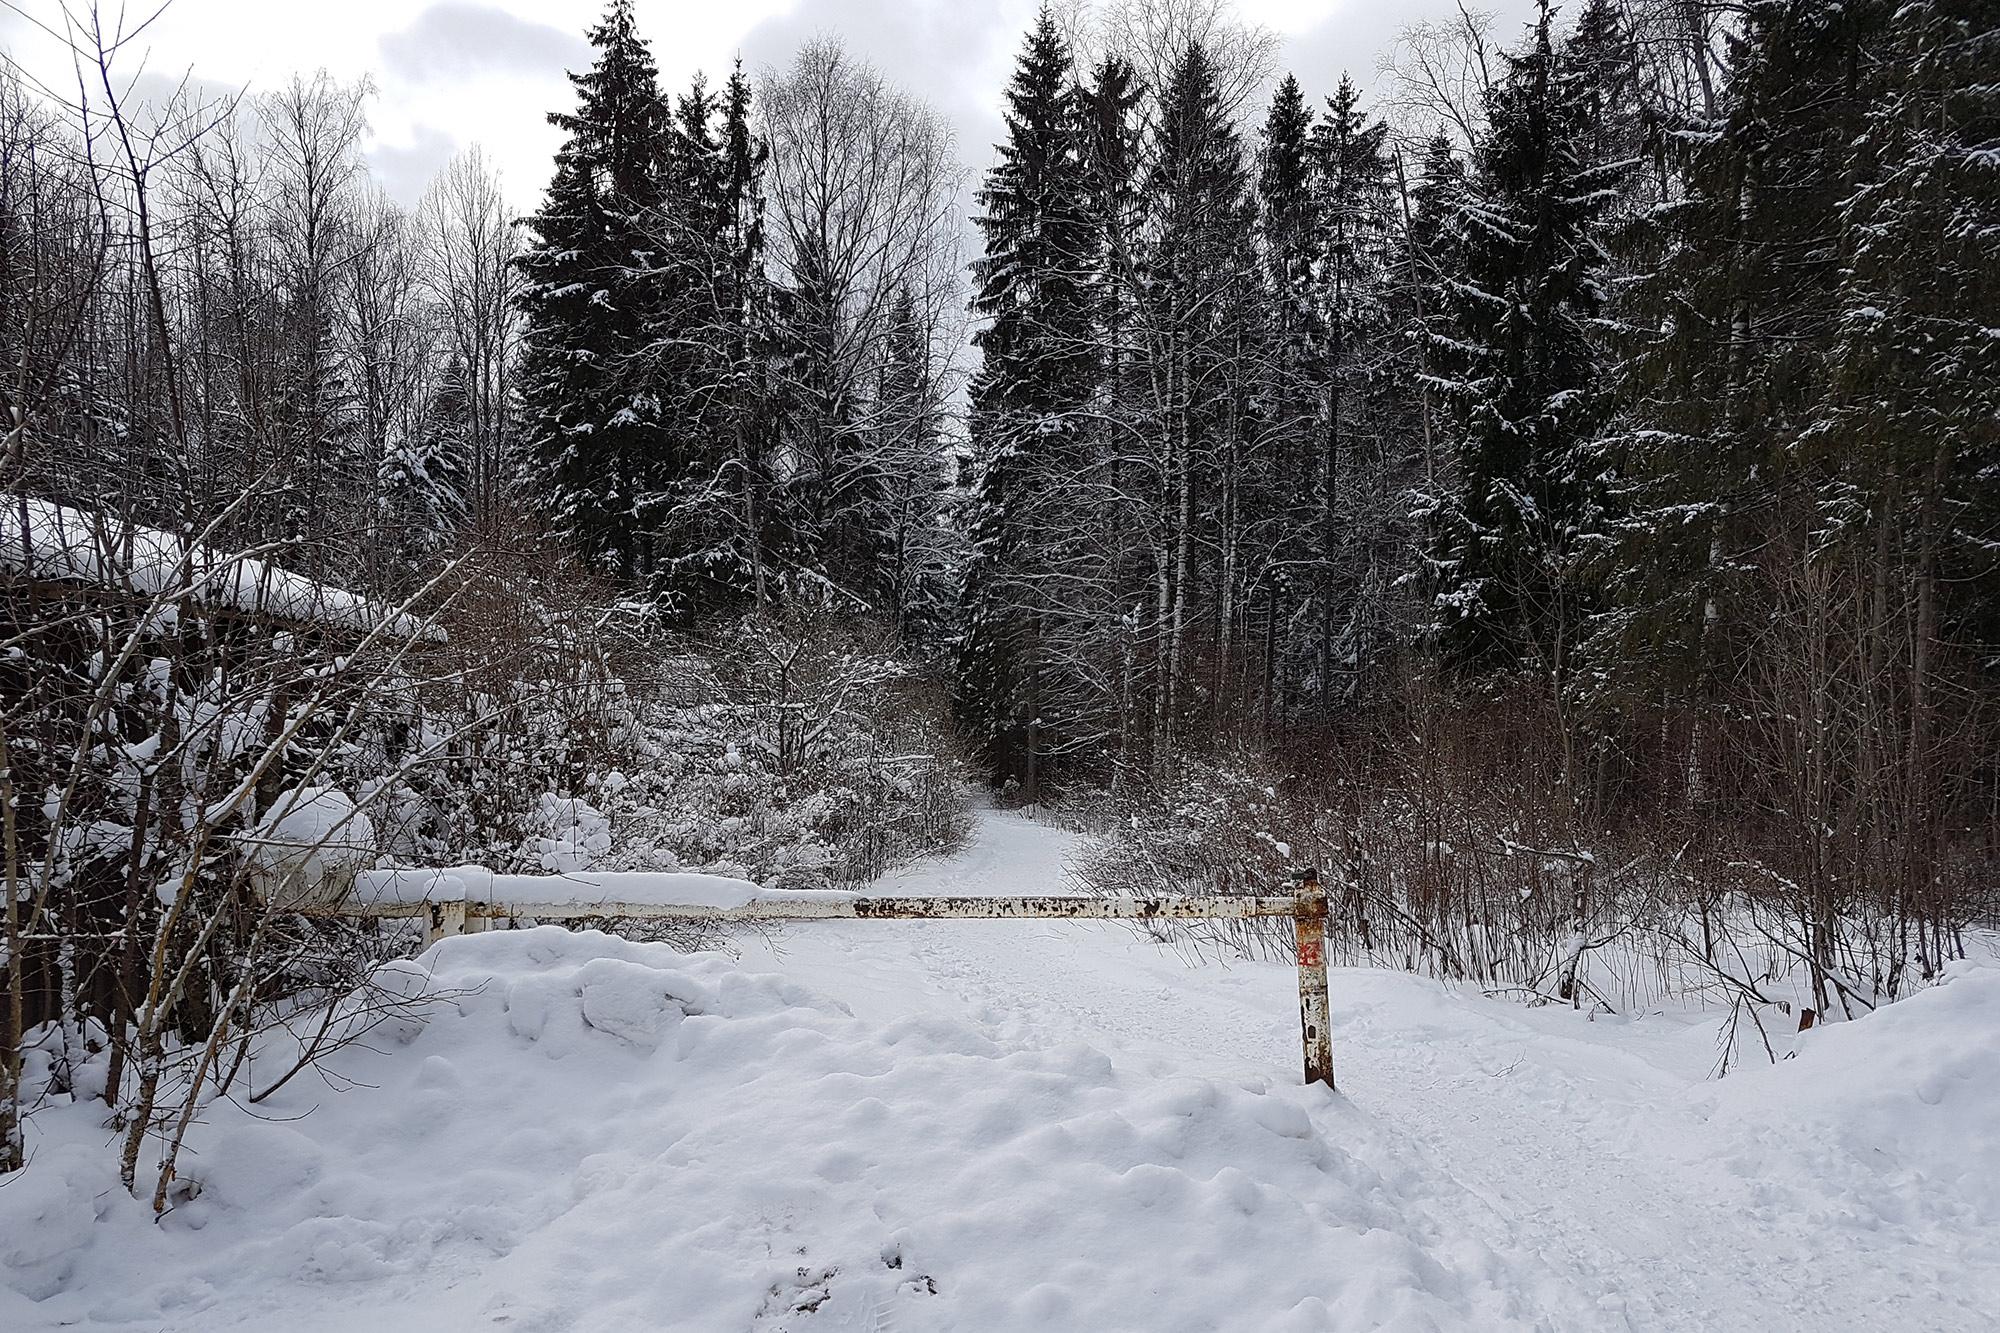 Гейзеры ещё одна парковка. В лес проезда нет. И хорошо